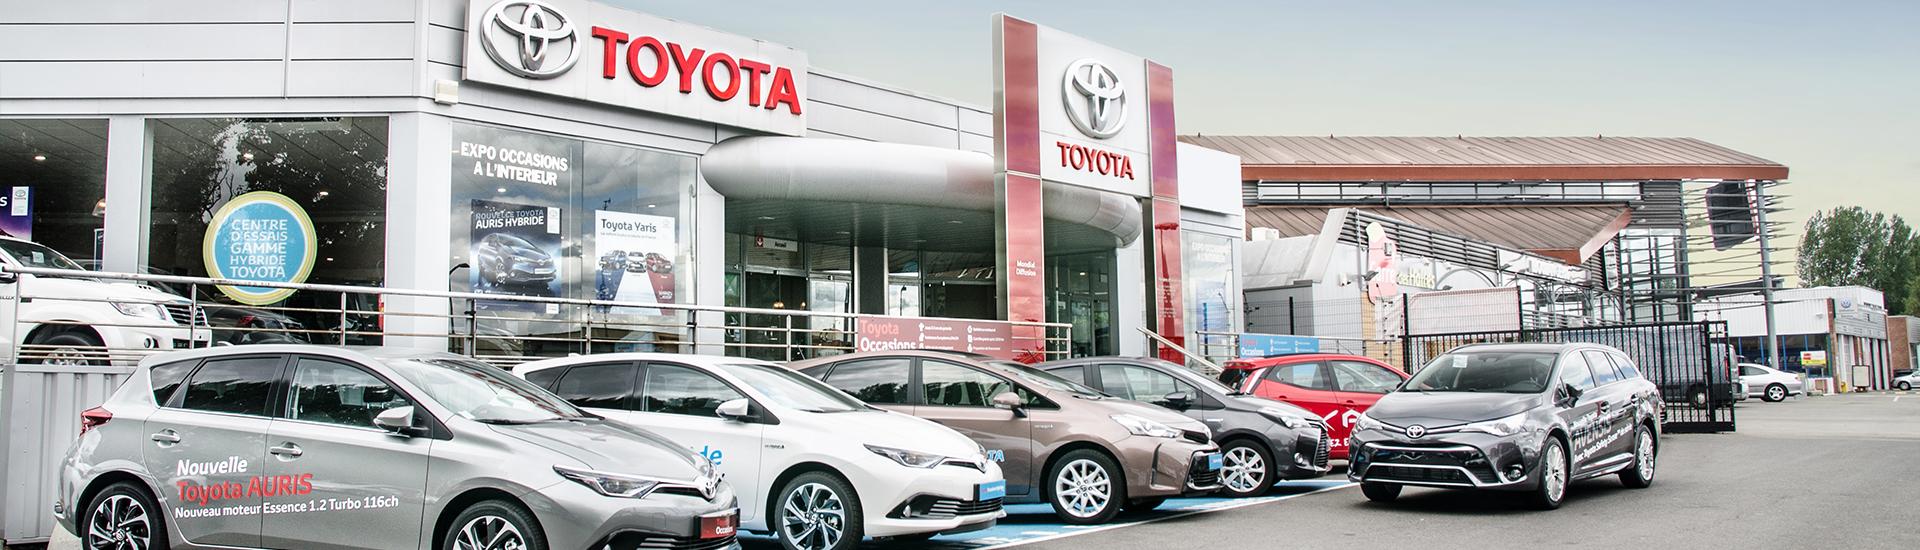 Concession TOYOTA Toys Motors à Roncq dans le Nord (59).